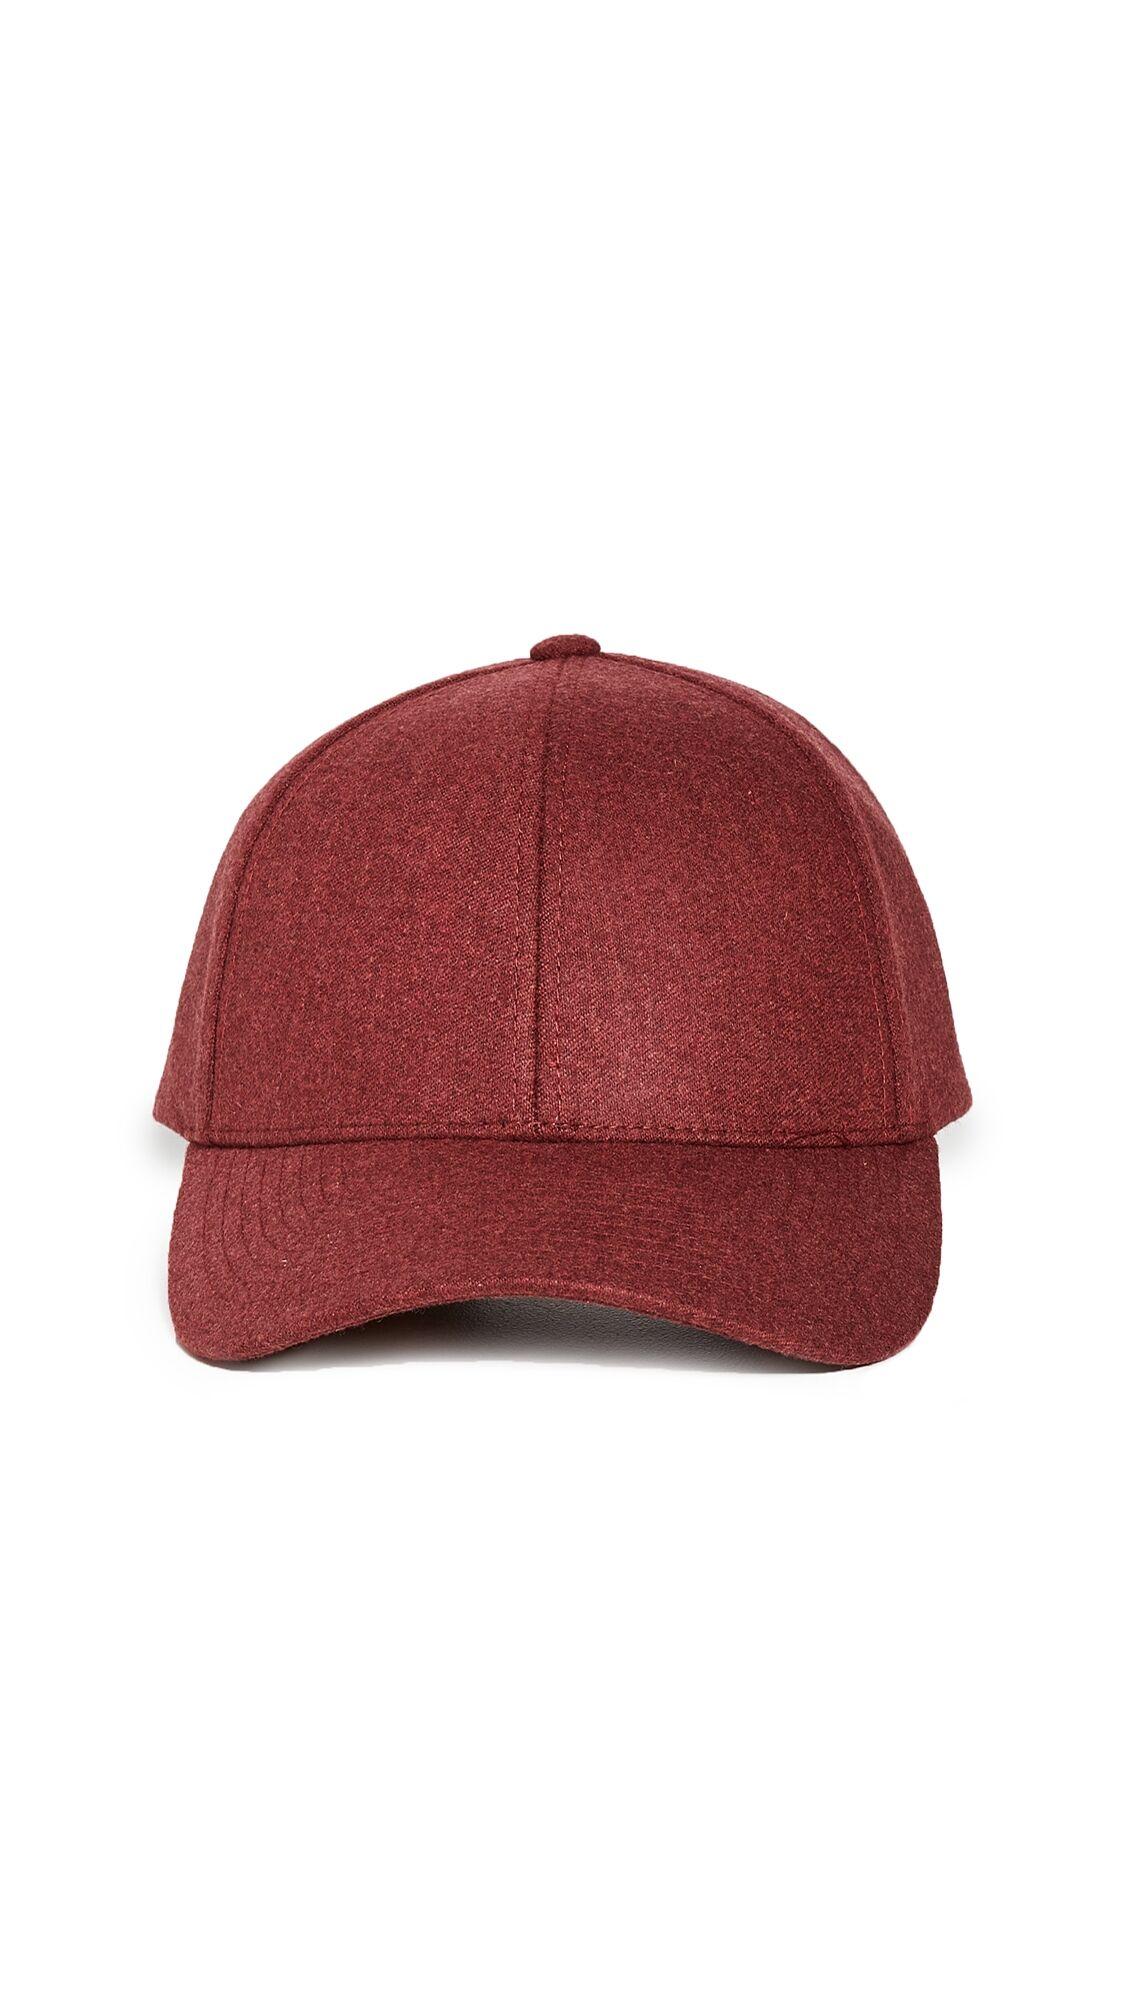 Varsity Headwear Wool Baseball Cap - Red - Size: S